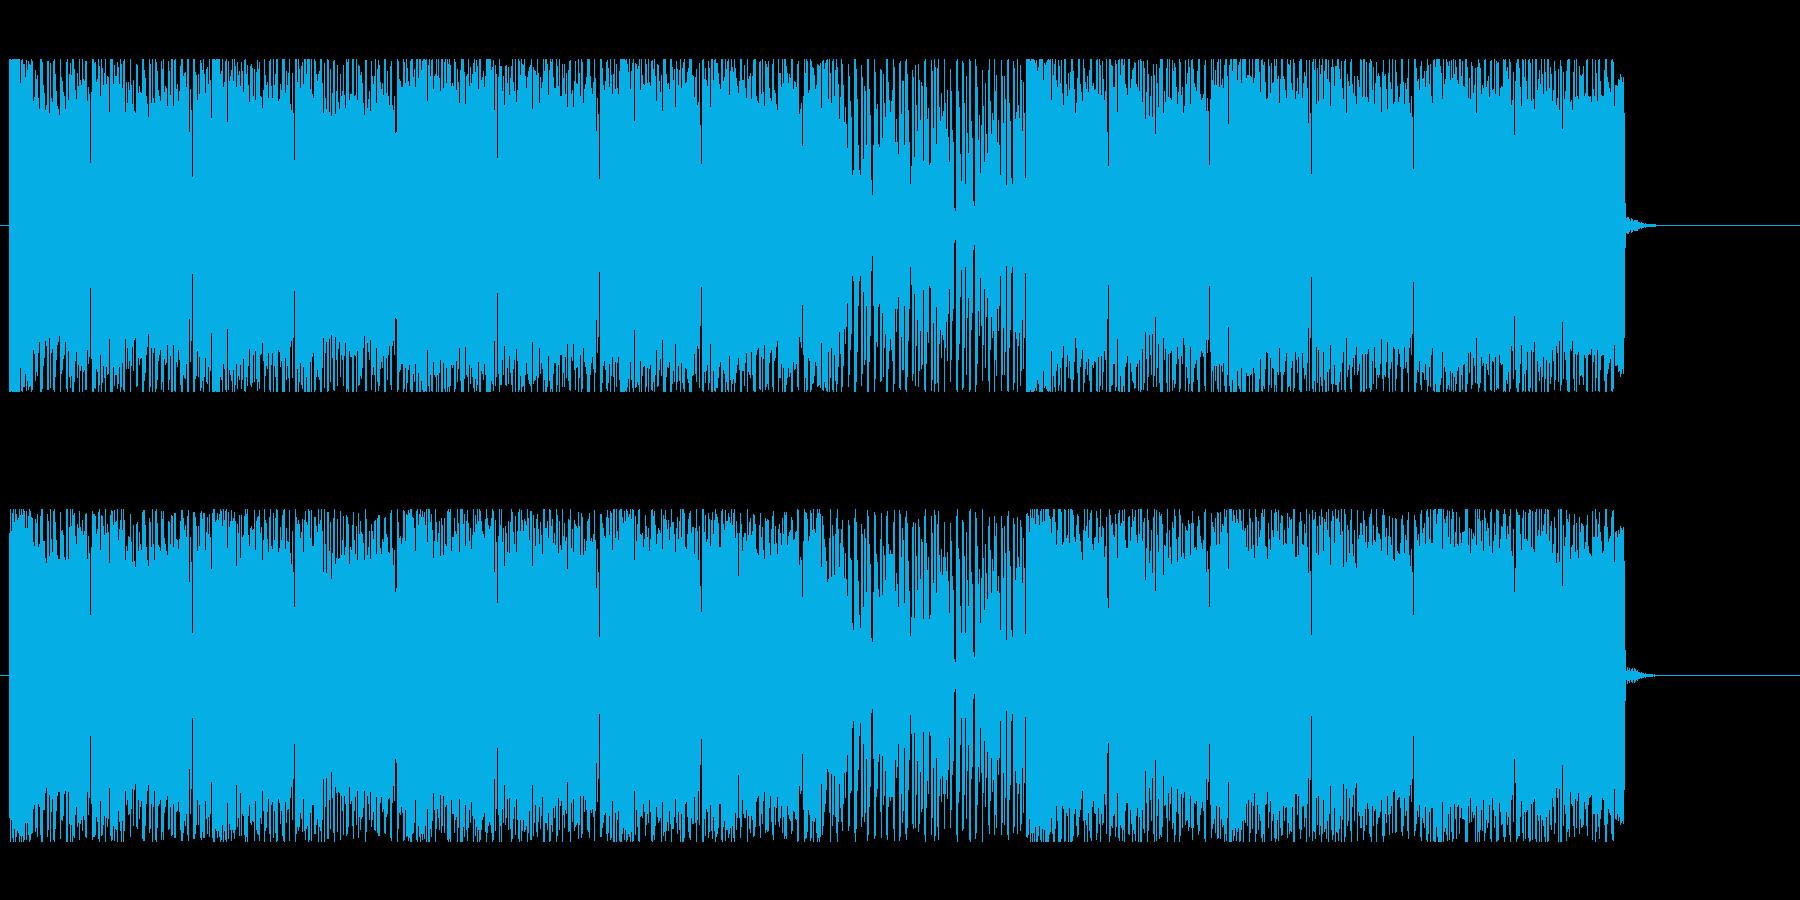 追跡 報道 不安 緊張 挑戦 スリルの再生済みの波形